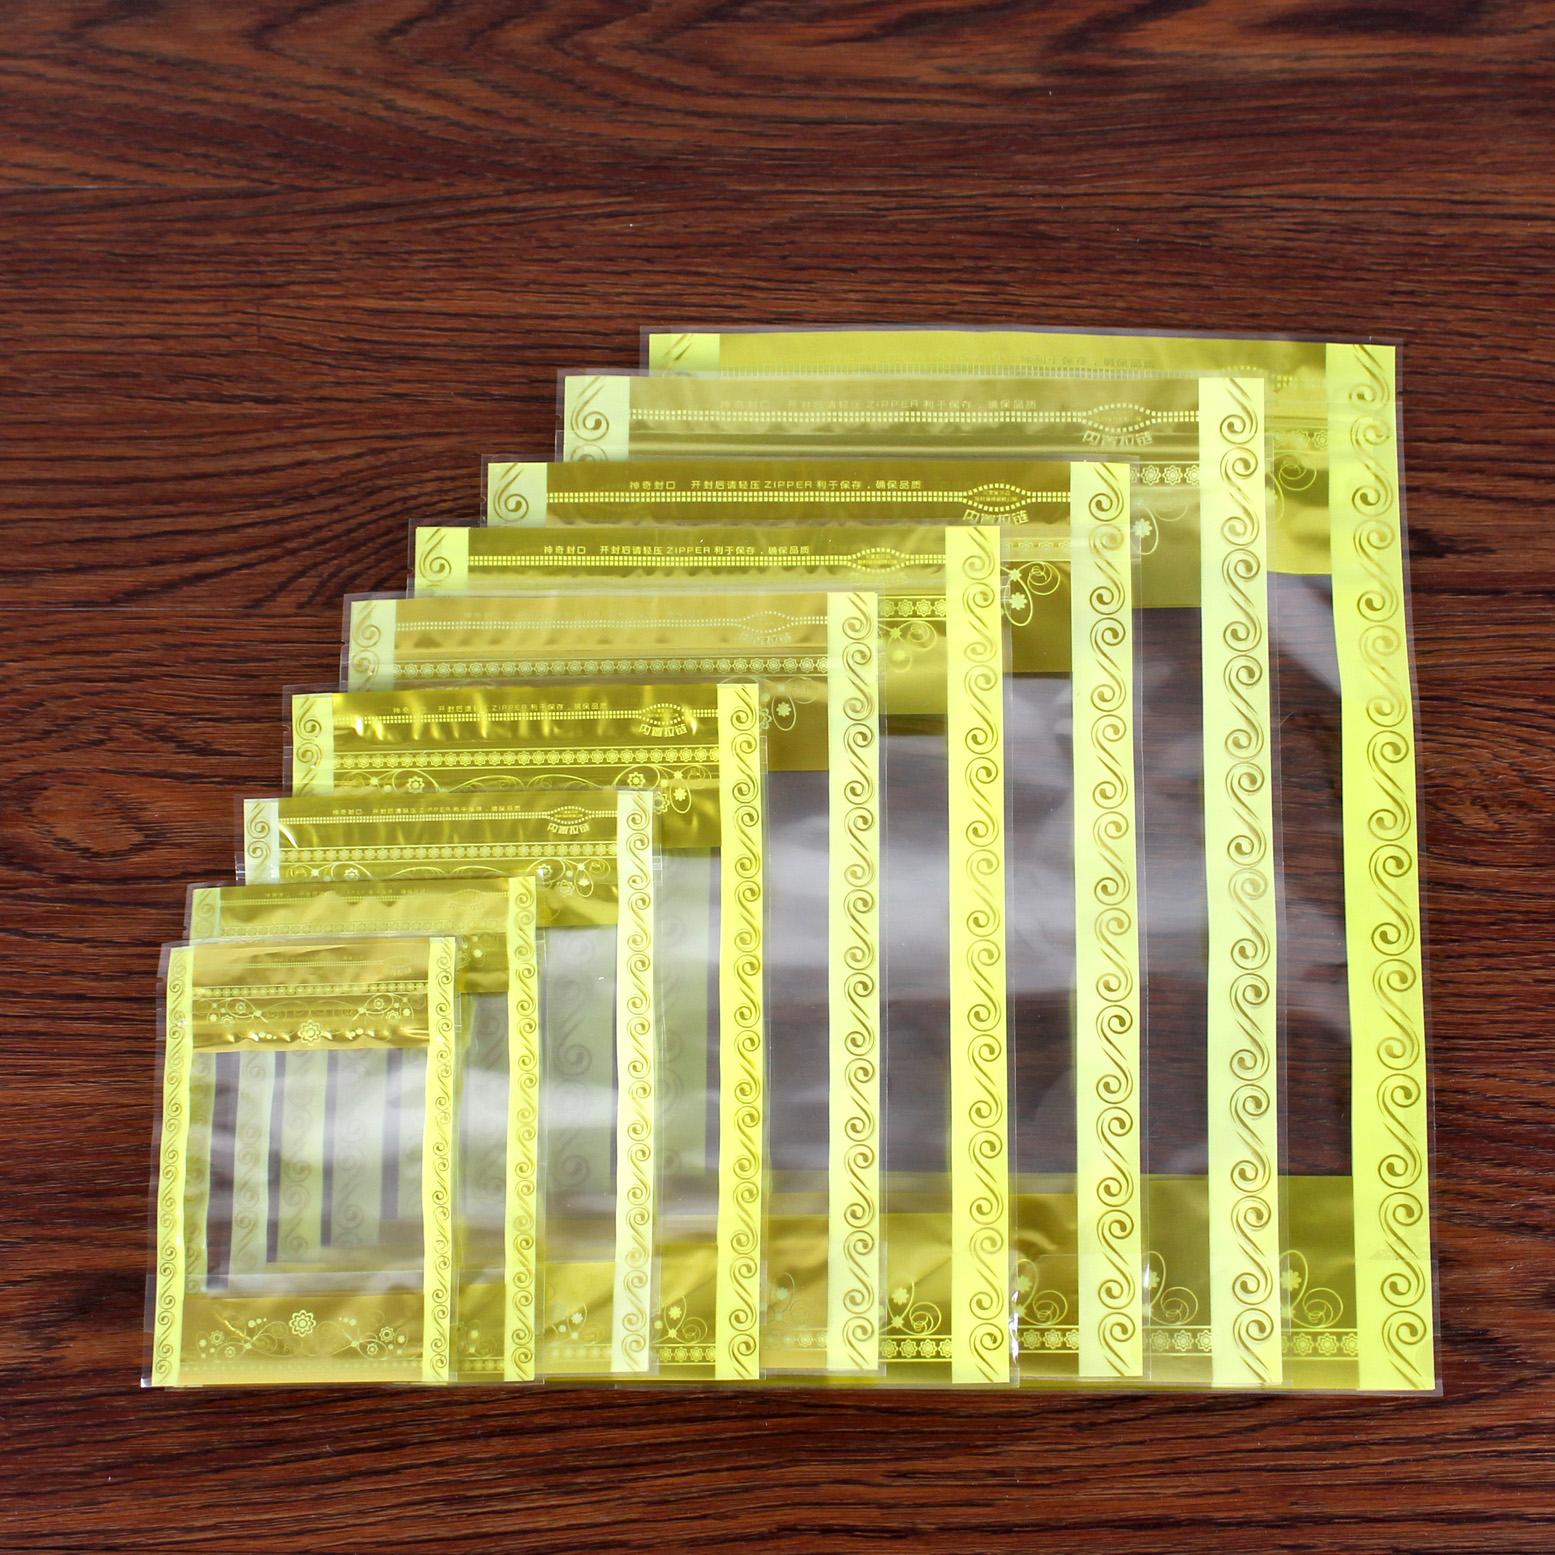 花茶药材干货糖果通用自立包装袋石斛西洋参食品自封口密封袋包邮